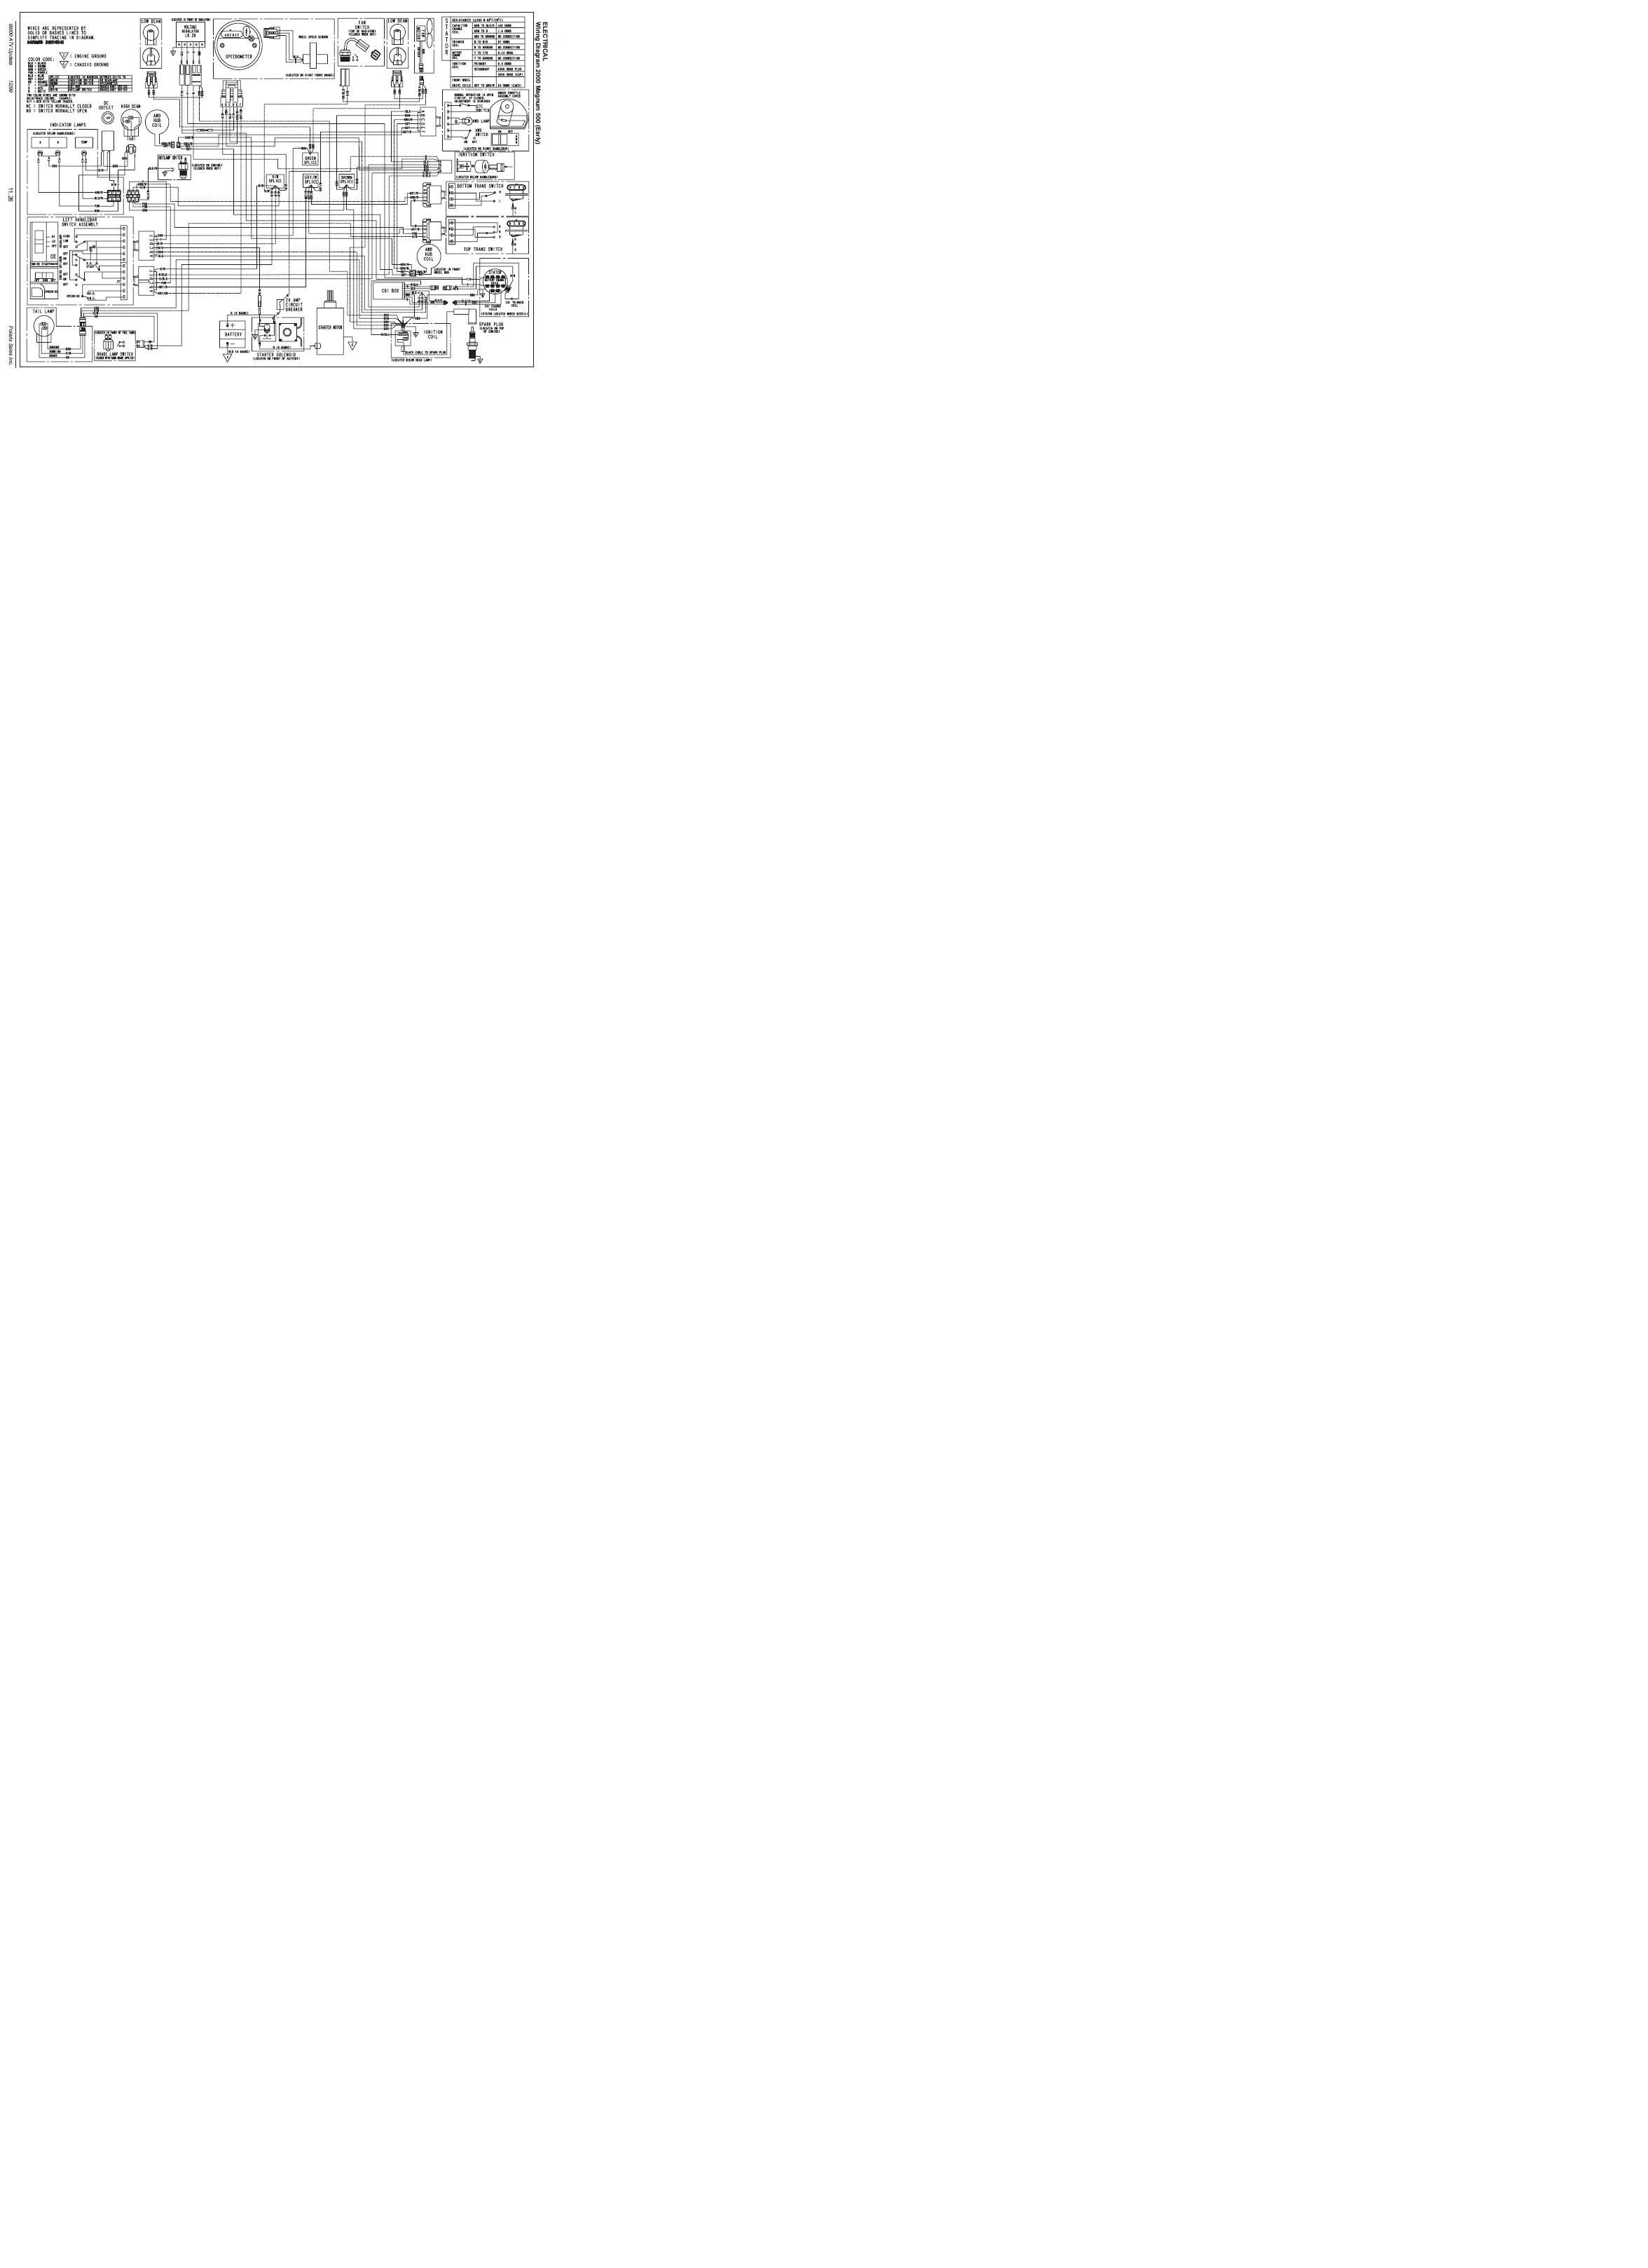 2000 magnum 500, wire diagram on | Polaris ATV Forum on 99 polaris xplorer wiring diagram, 99 polaris magnum 500 wiring diagram, 99 yamaha big bear 350 wiring diagram, 99 polaris scrambler wiring diagram,